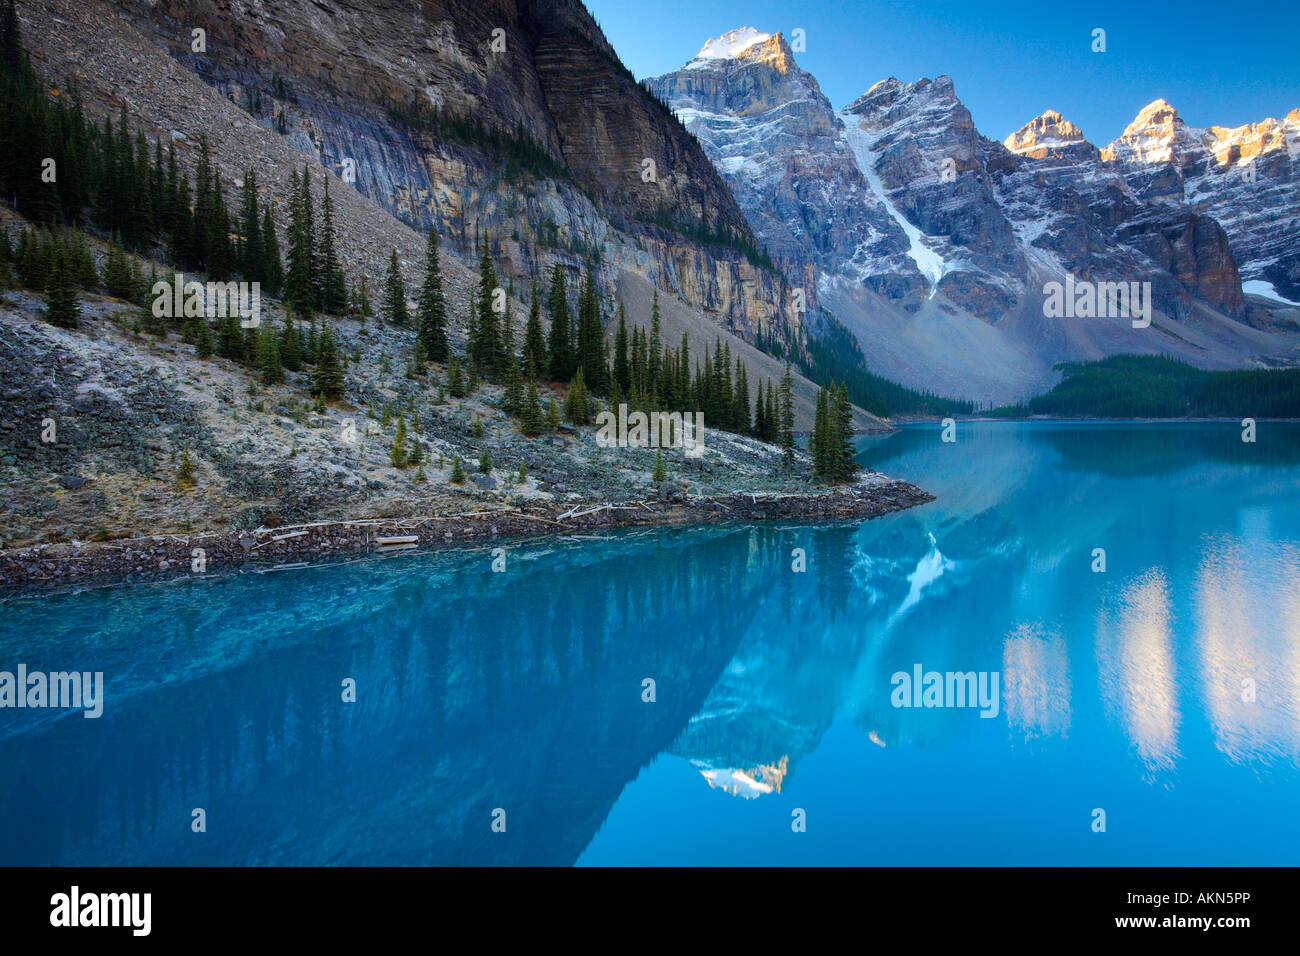 Espectaculares aguas azules en el lago Moraine, en el Parque Nacional Banff, Canadá Imagen De Stock